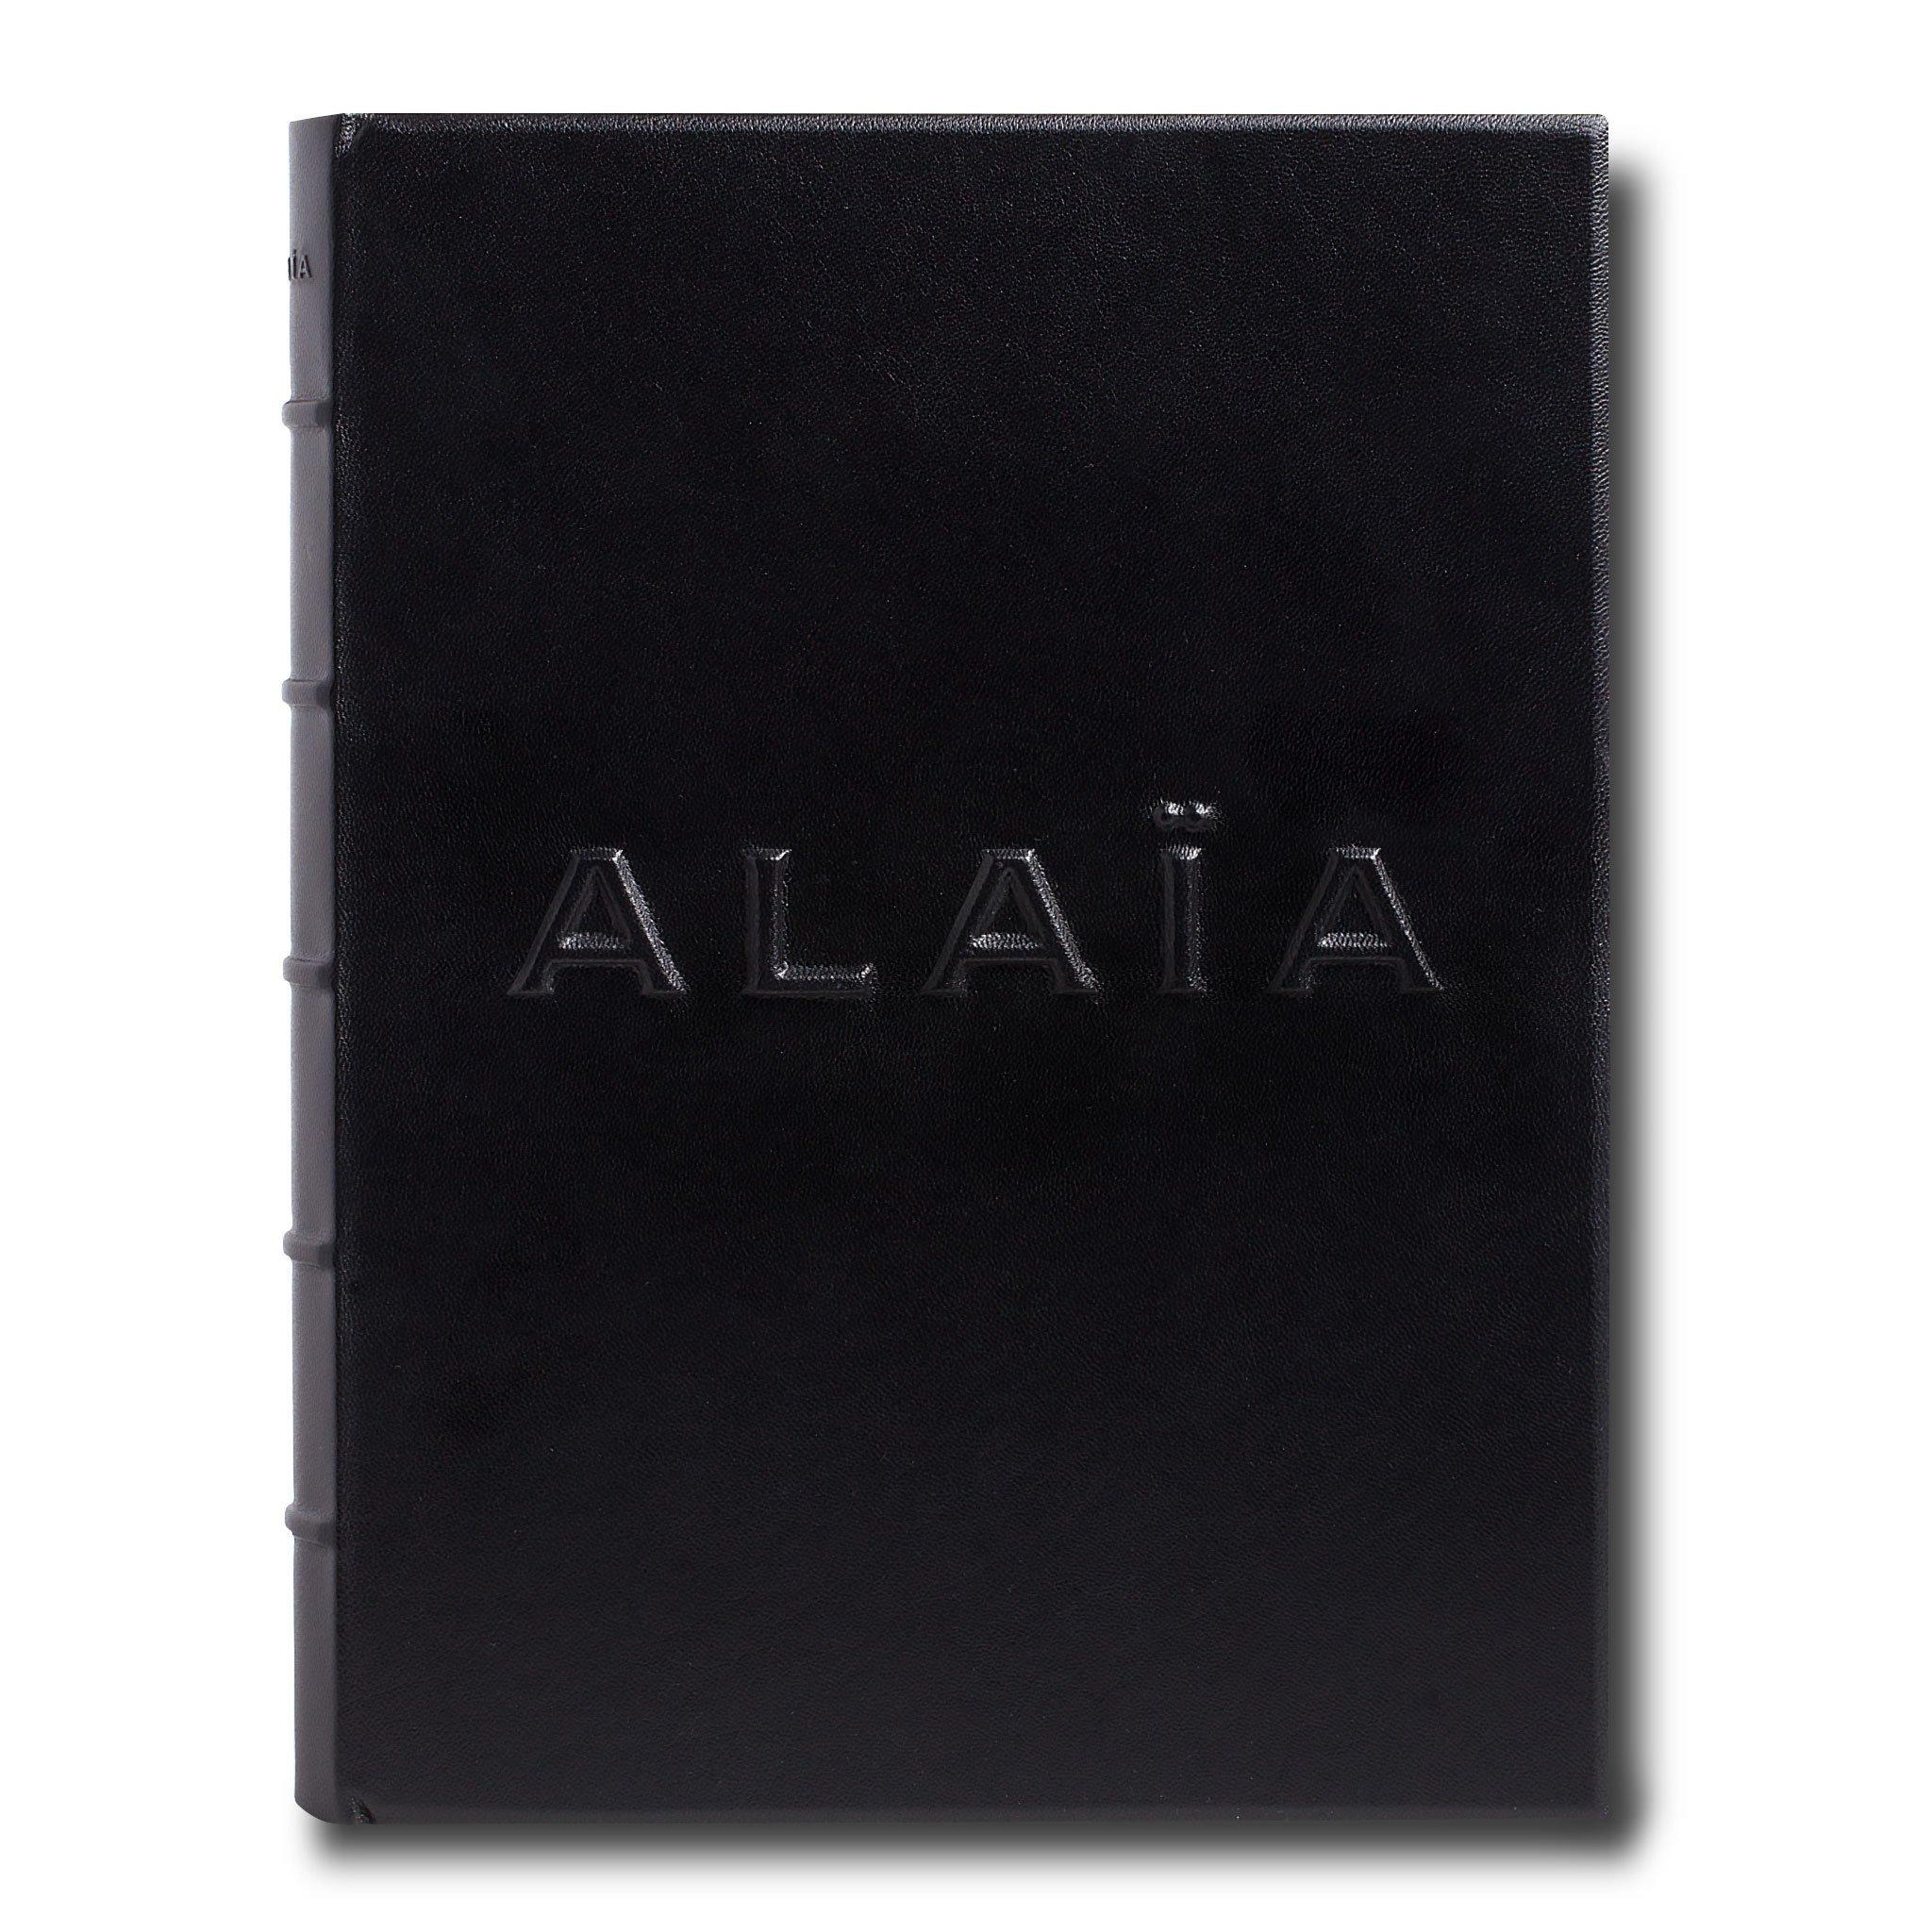 Alaïa Special Edition Black book | ASSOULINE – Assouline